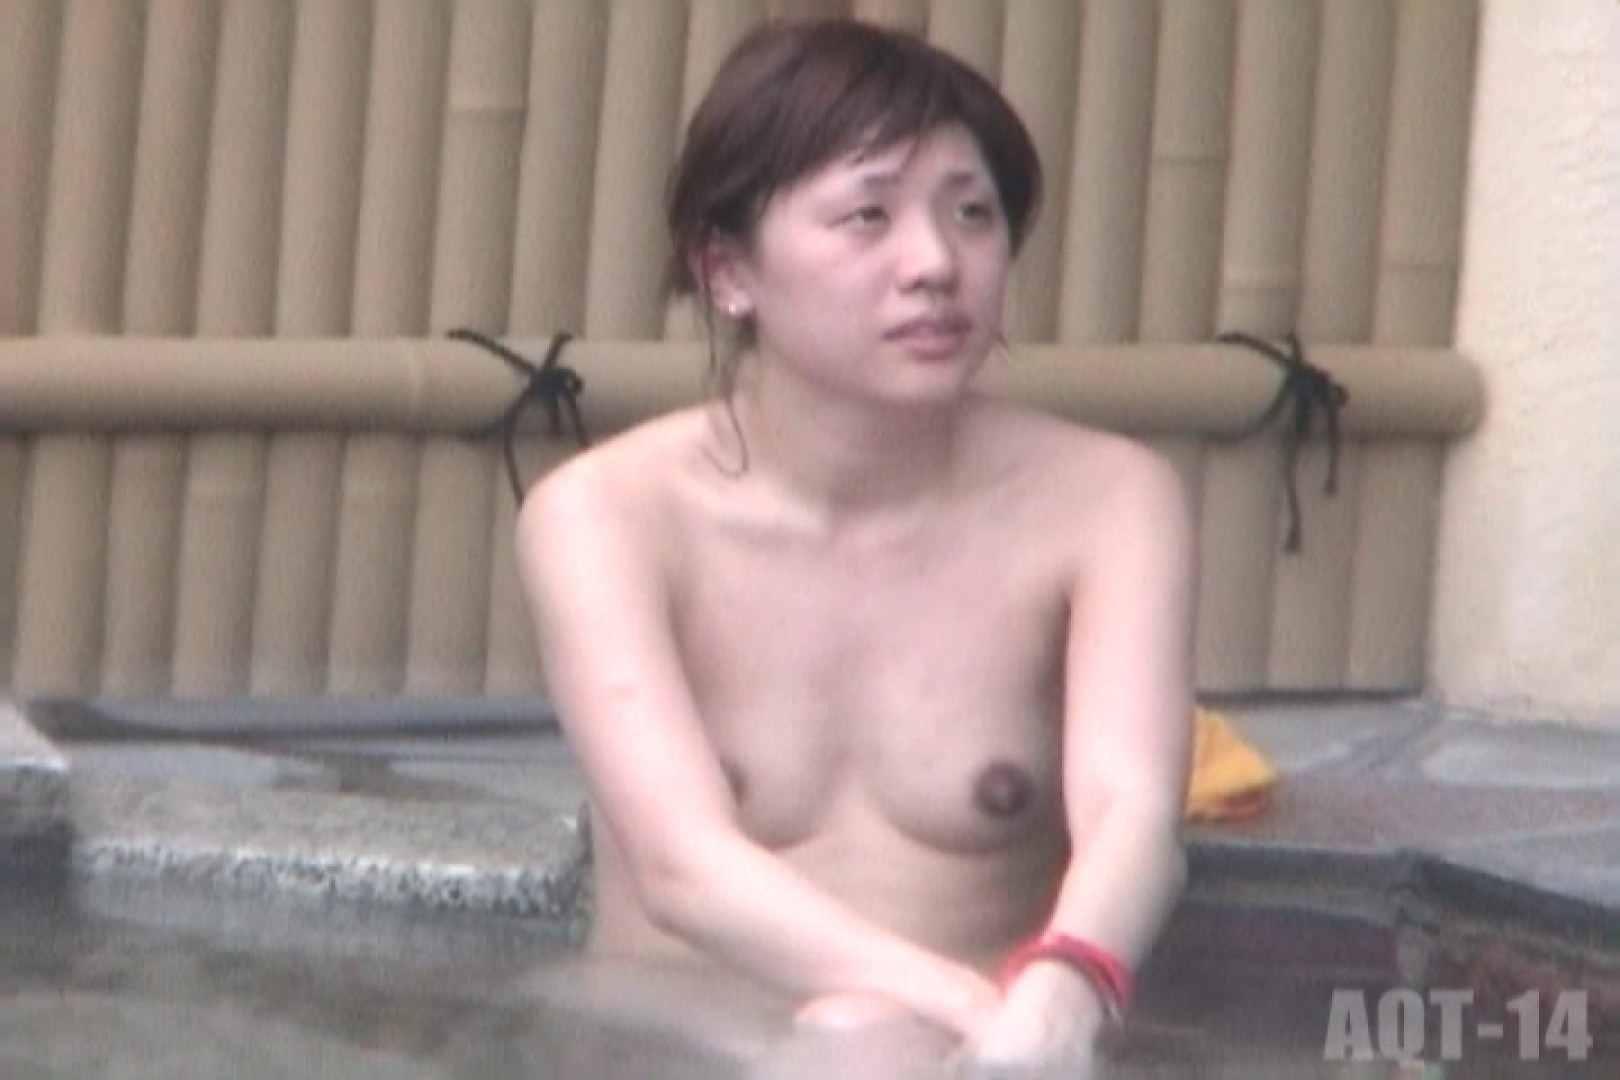 Aquaな露天風呂Vol.822 OLのエロ生活  62連発 51